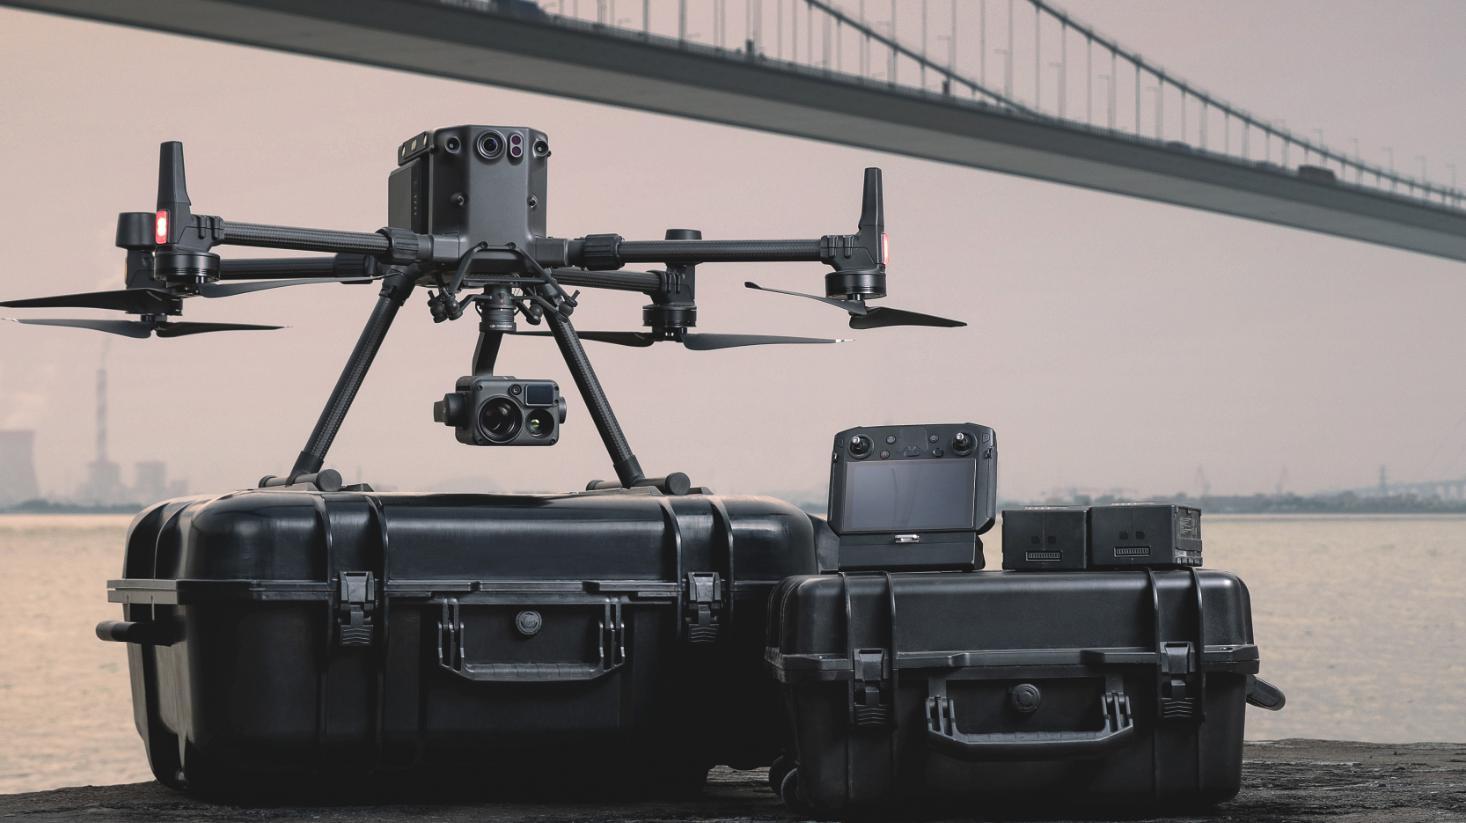 无人机的身体:撑起所有部件的机架